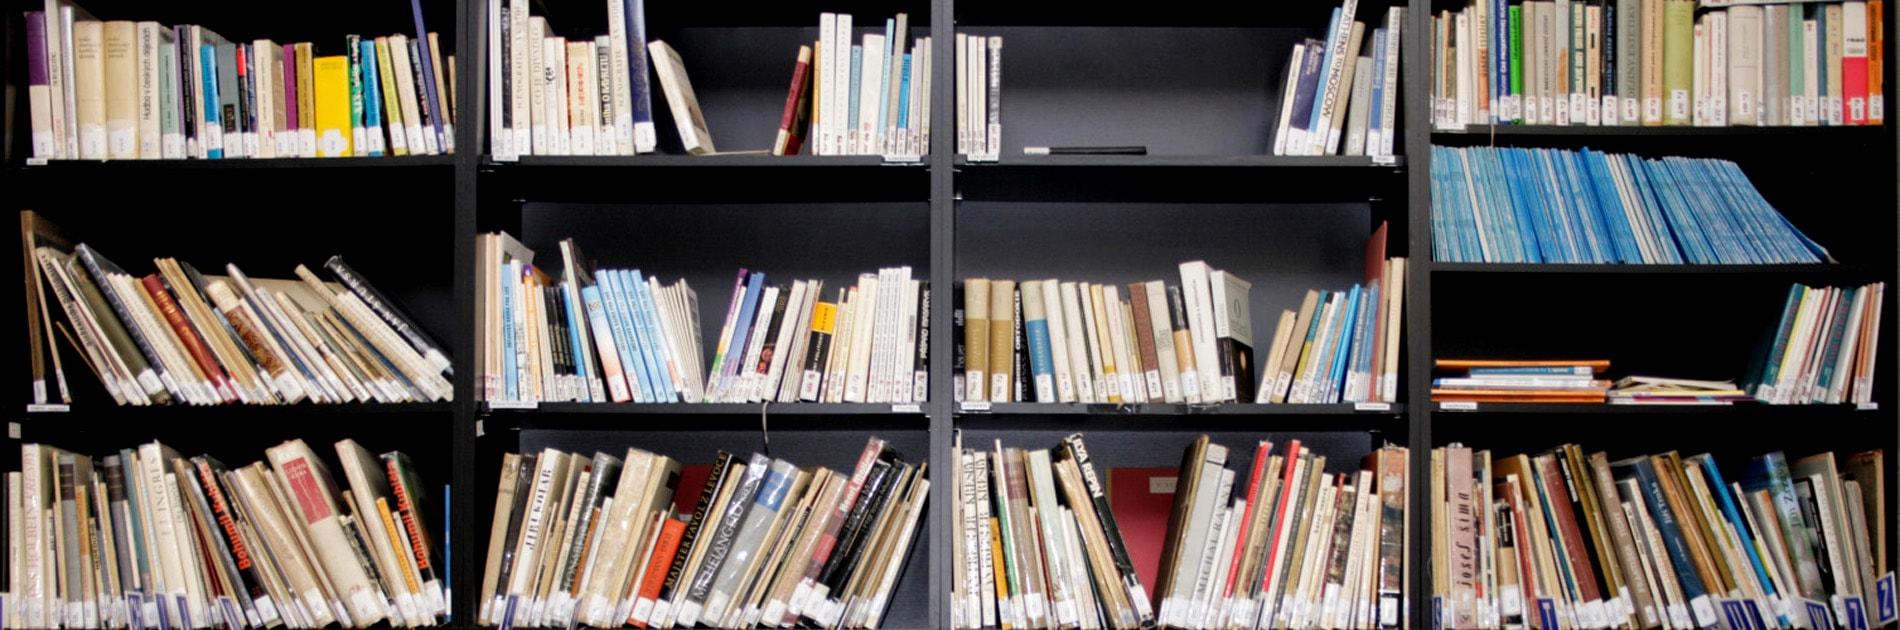 Ein Bücherregal mit vielen Büchern. | Bildquelle: colourbox.de